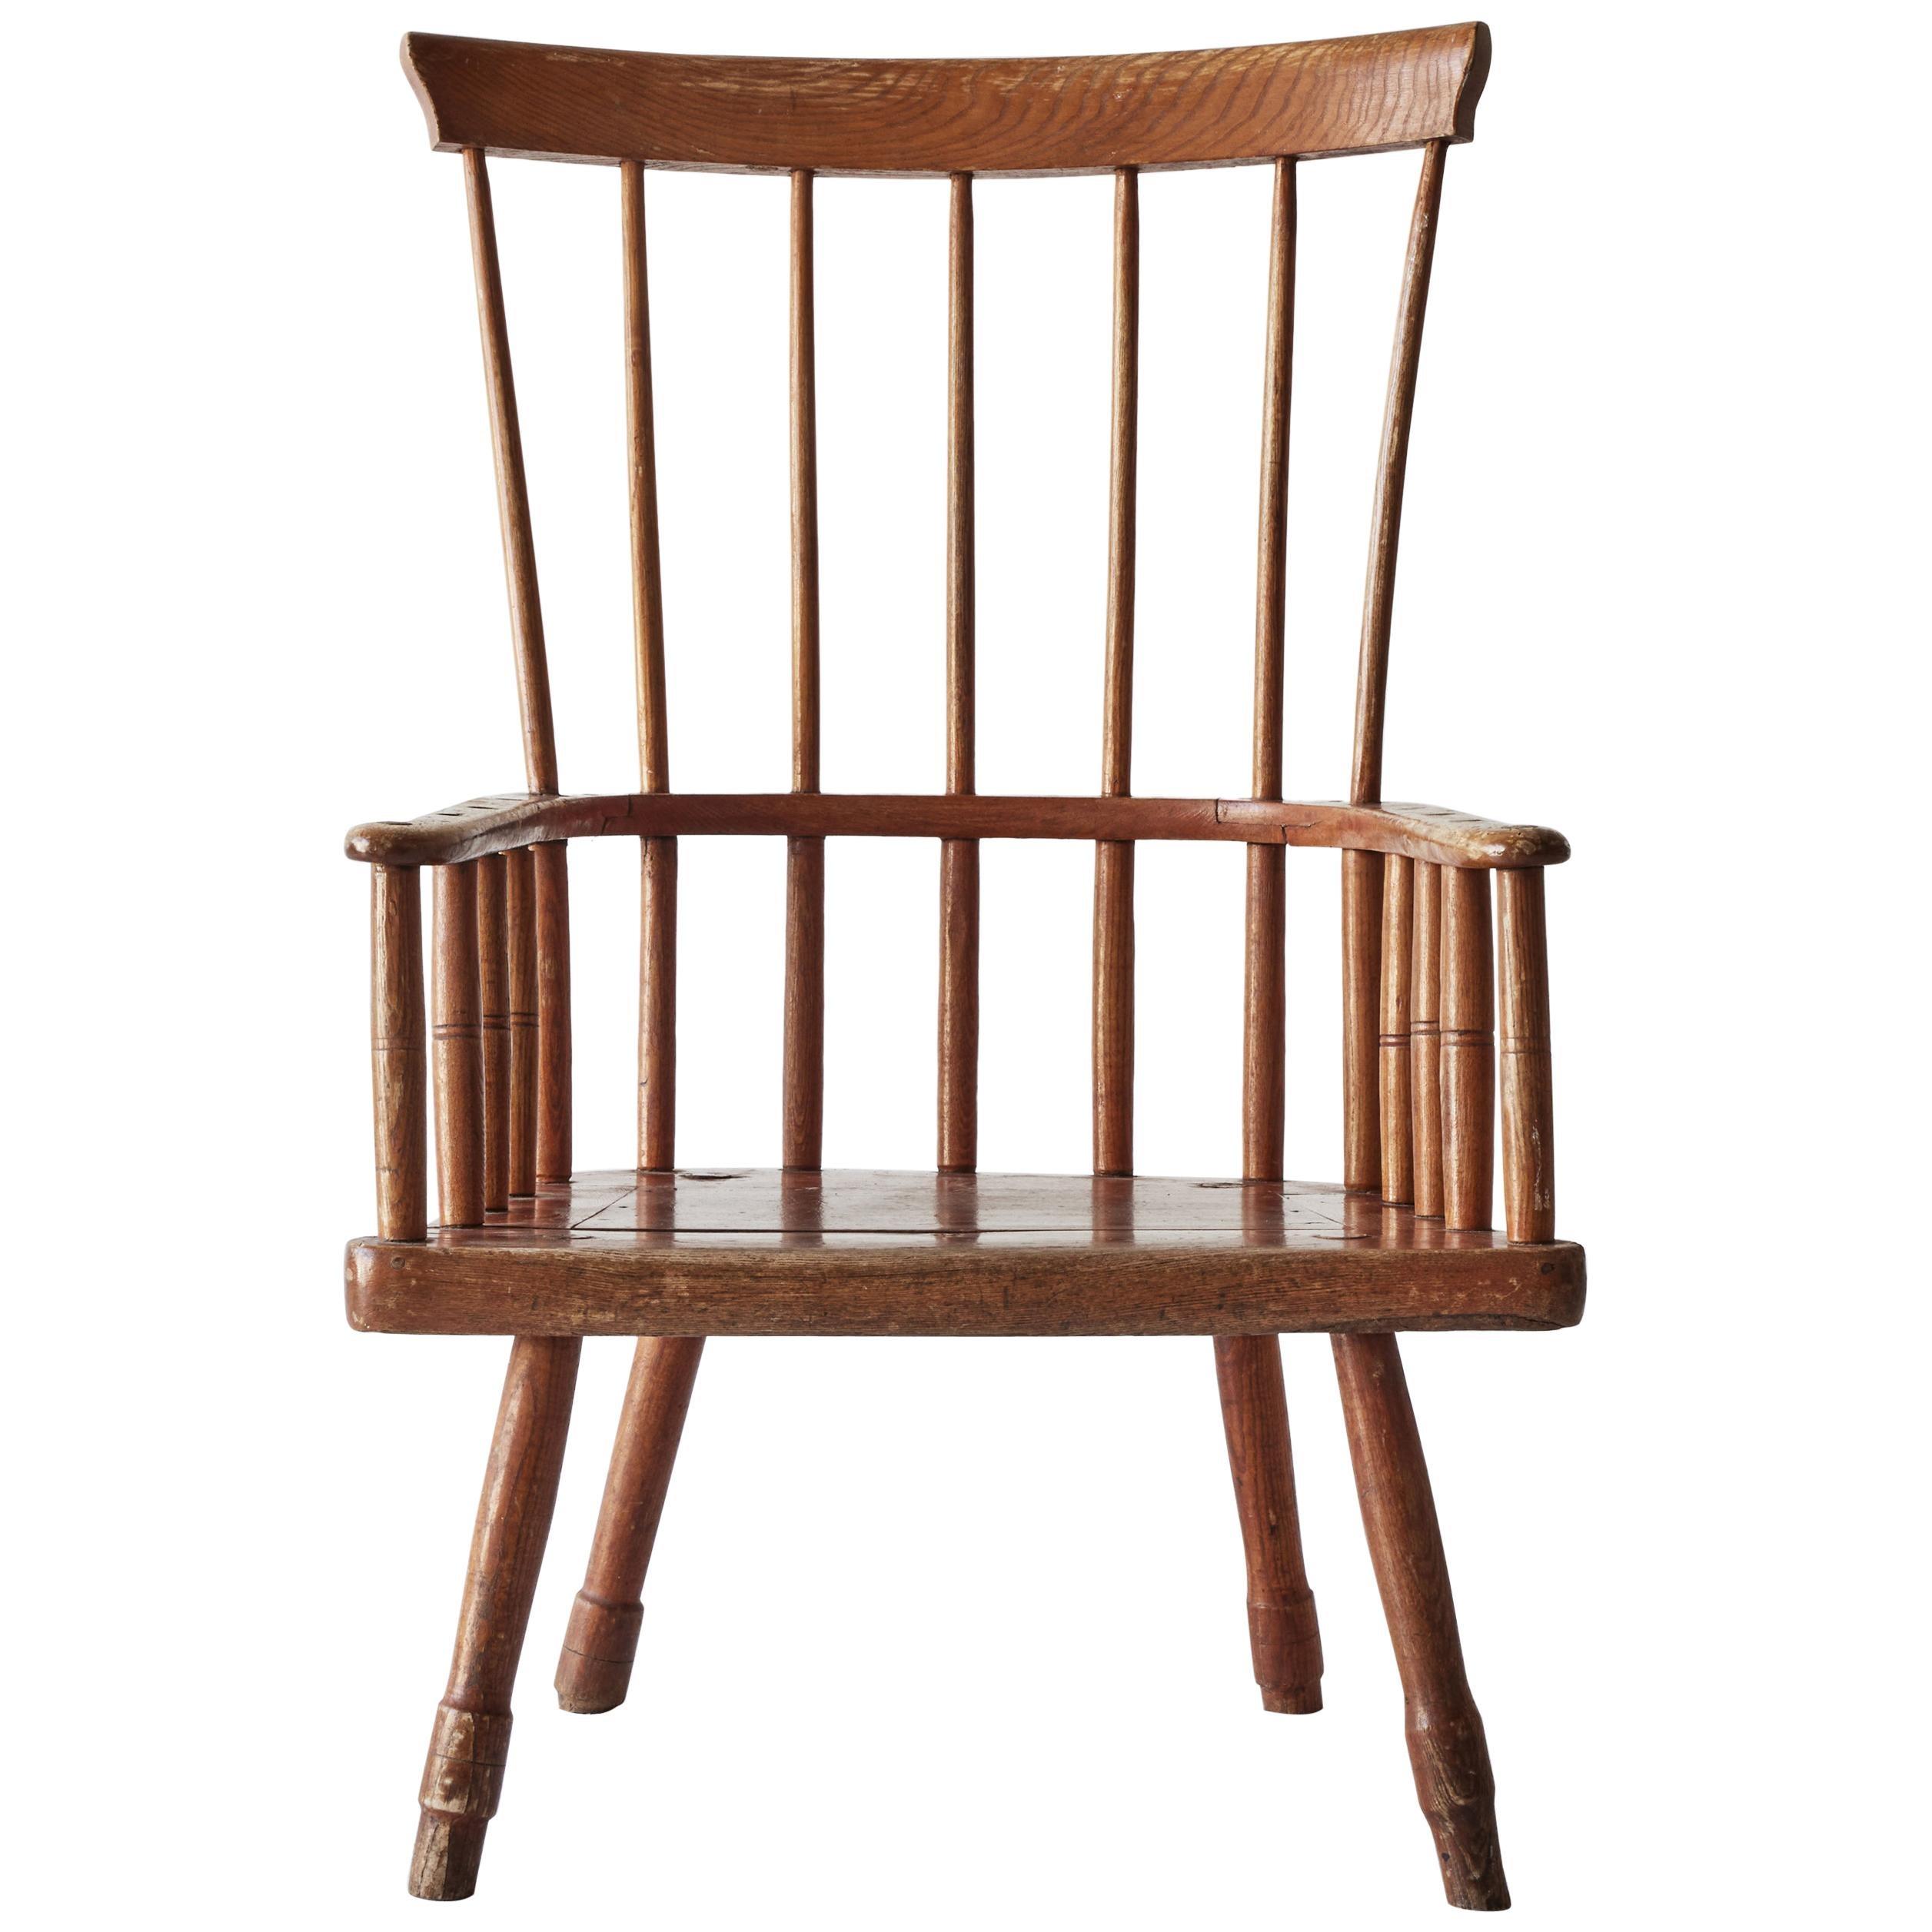 American Fan-Back Windsor Chair